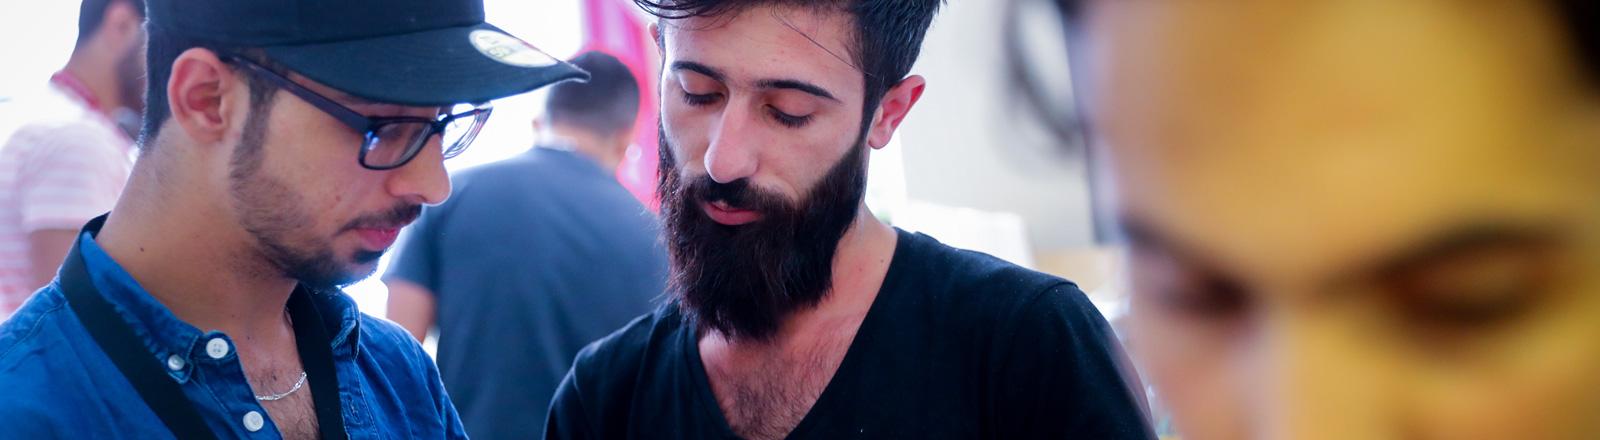 """Syrische Flüchtlinge schauen am 27.07.2016 in Berlin bei der Flüchtlingshilfe """"Moabit hilft"""" auf ein Smartphone. Hier ist ein aktuelles Video von einer verheerenden Bombadierung mit Toten und Verletzten aus Kamischli zu sehen."""